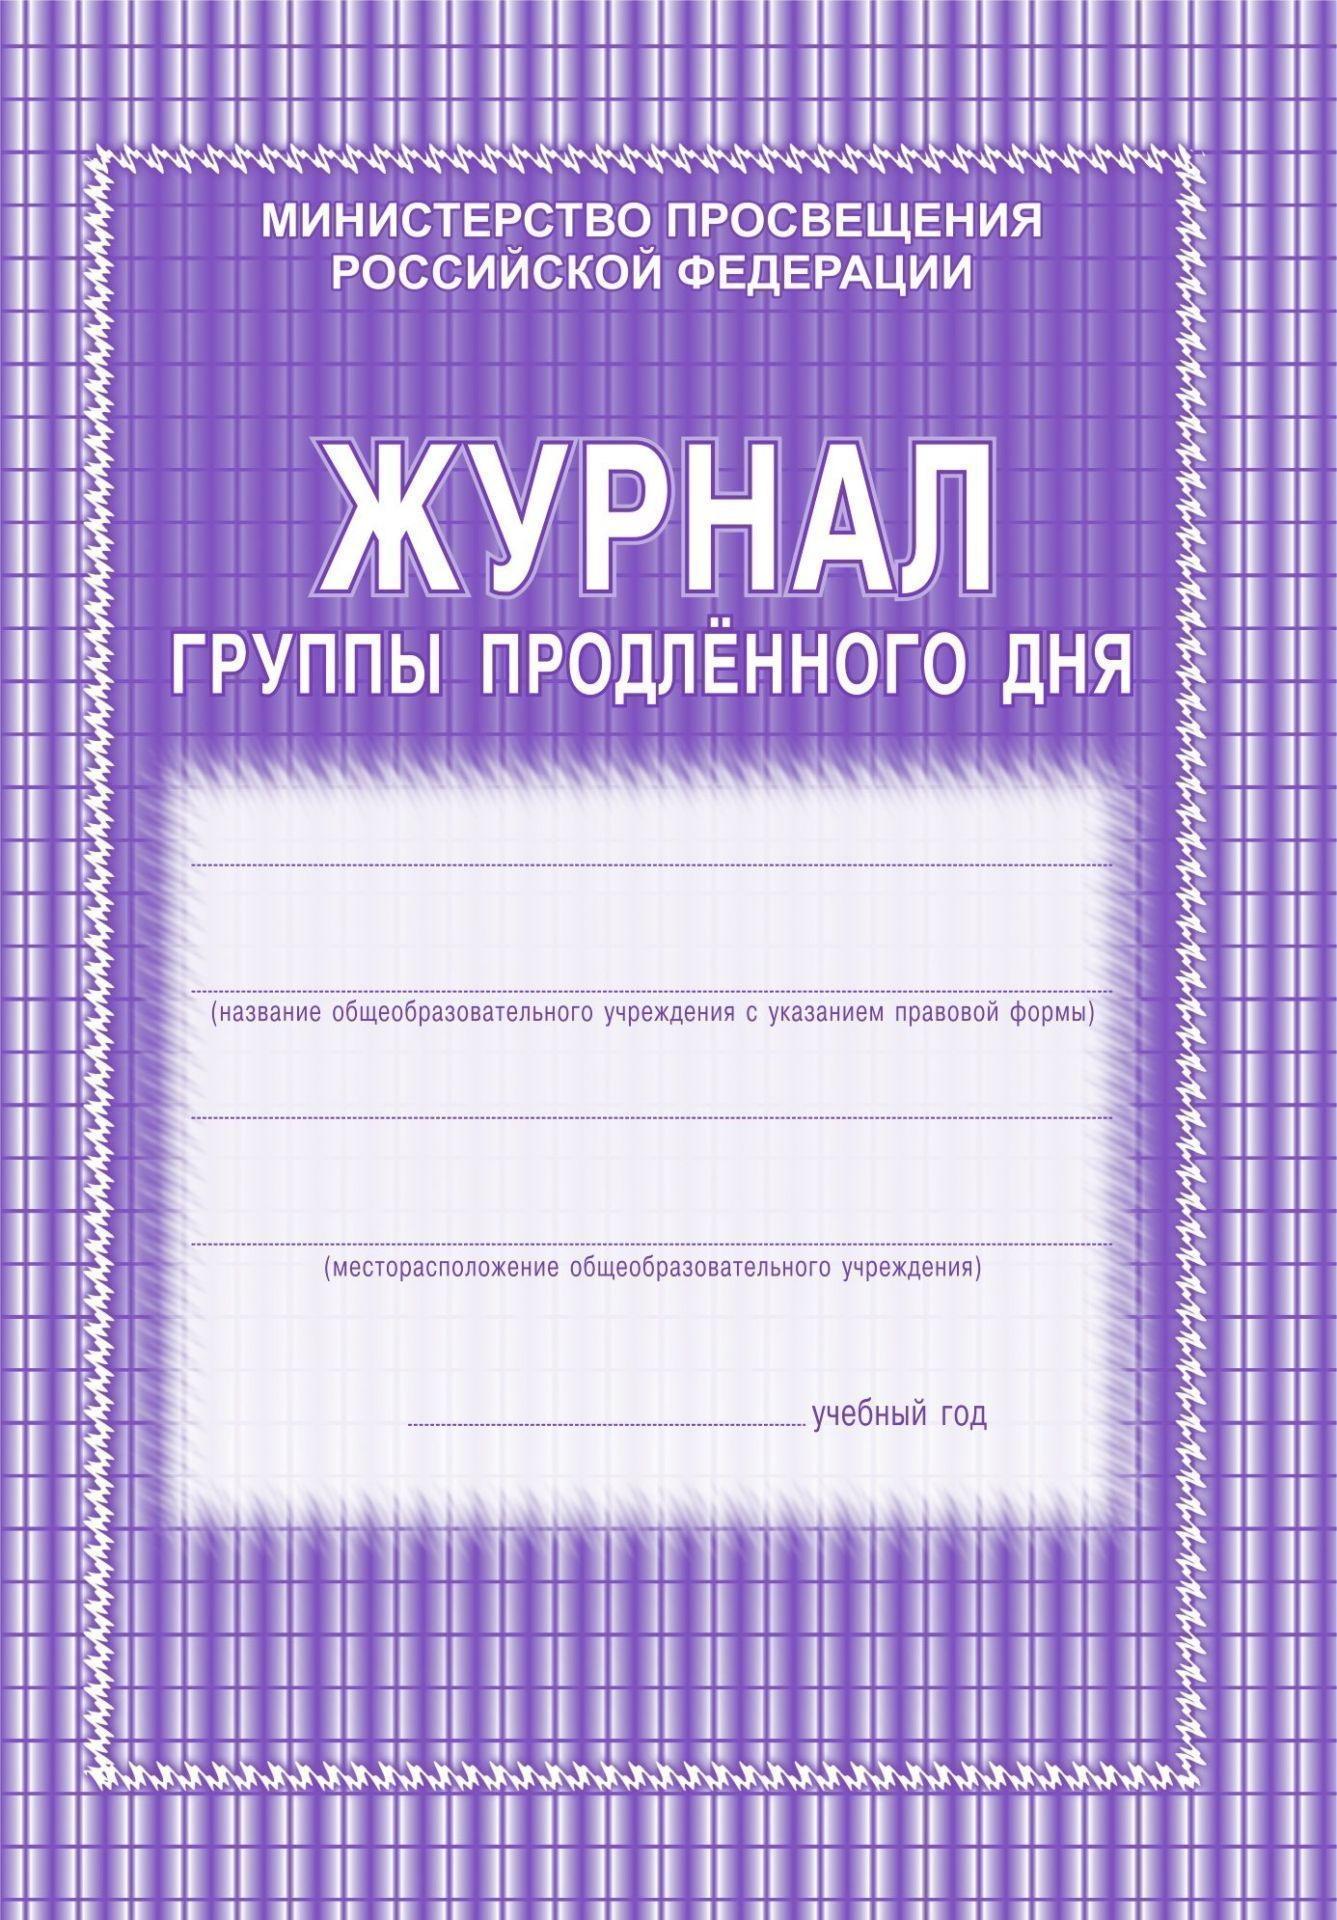 Журнал группы продленного дня (ФГОС) /КЖ-106/1